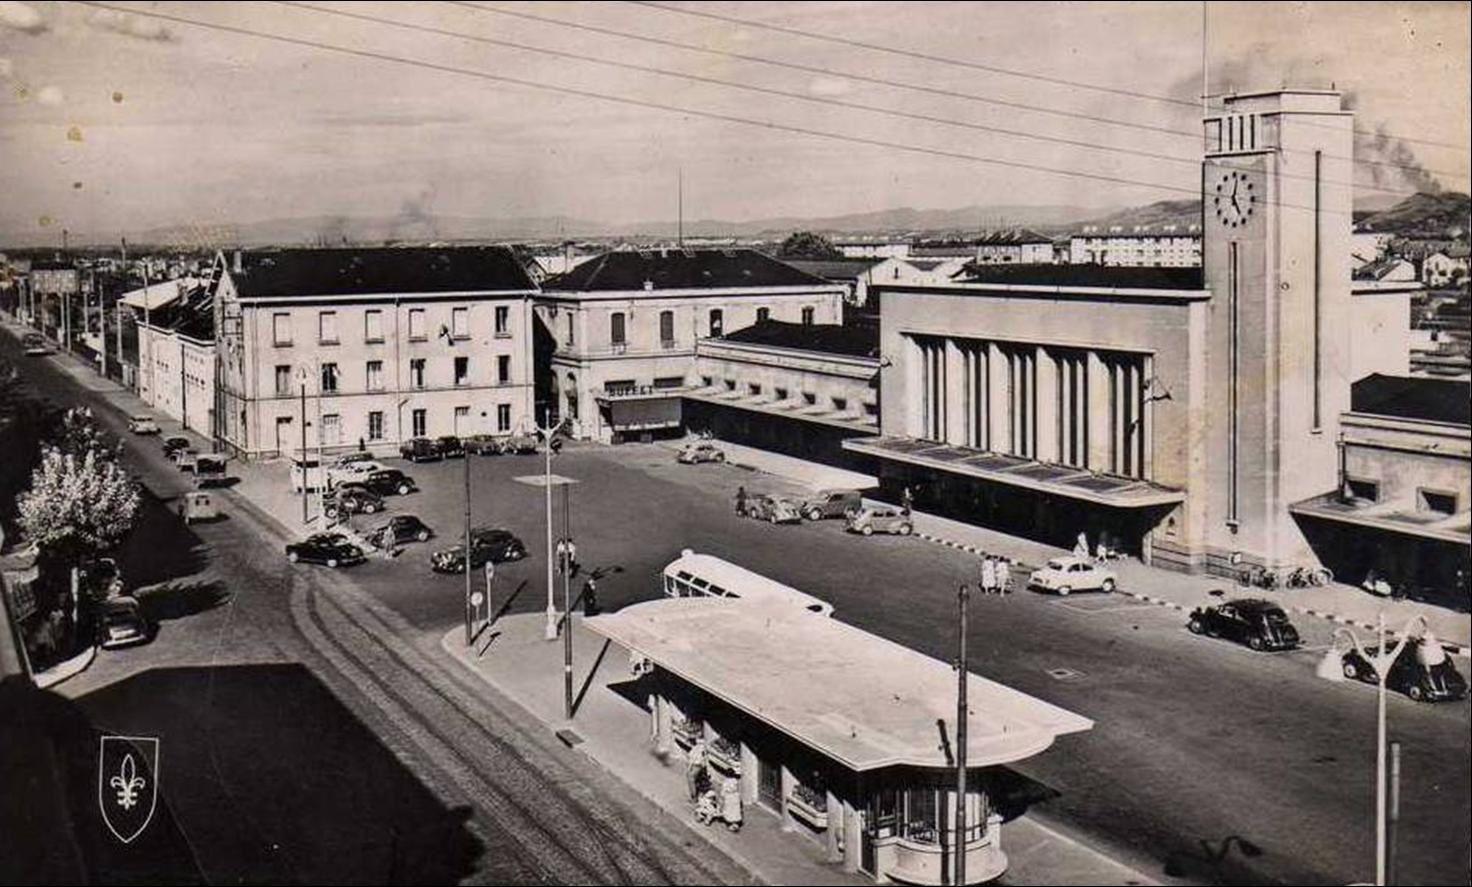 Clermont aux années 50-60